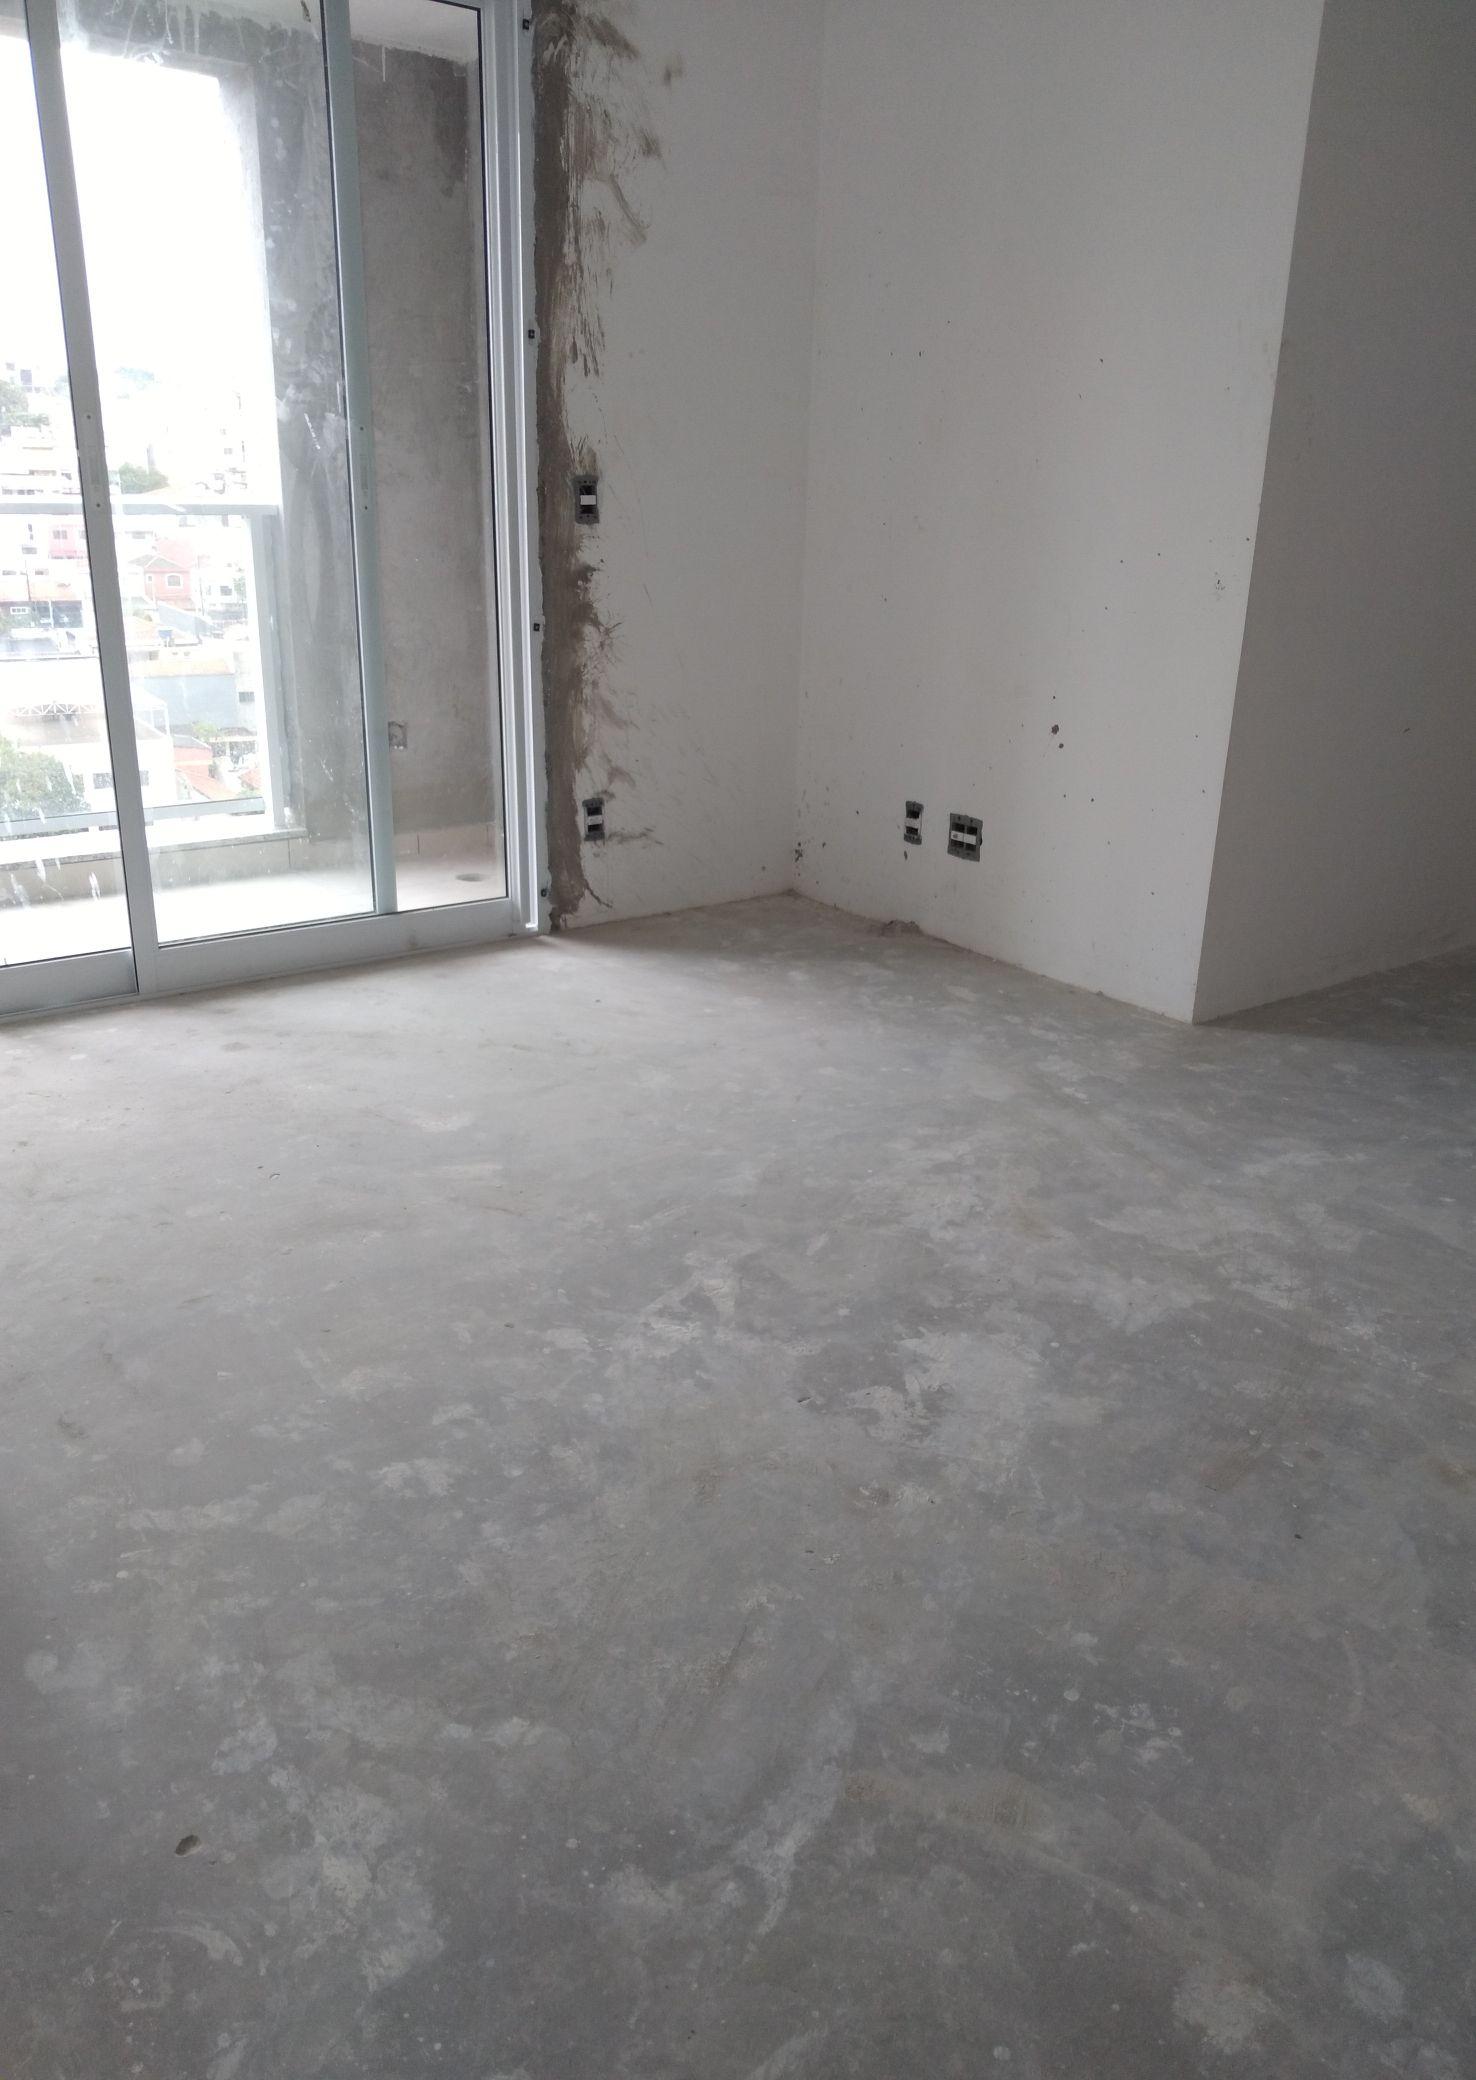 limpeza de prédios  depois da raspagem do chão